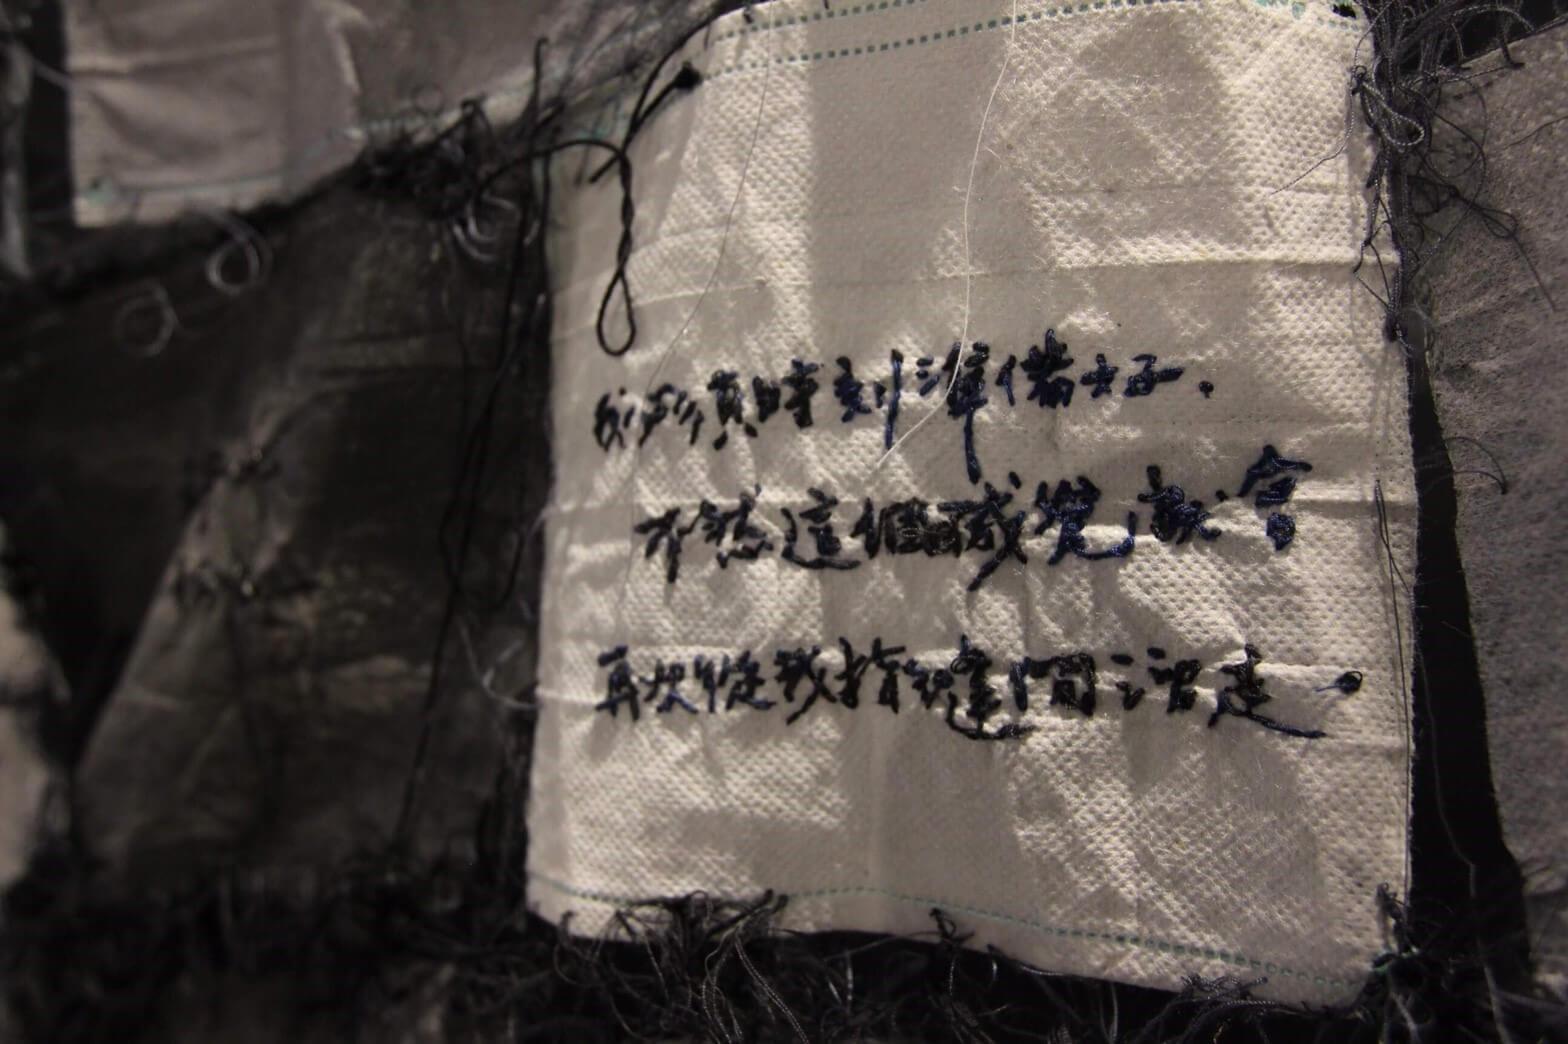 《365種逃逸的可能性》(再次從我指間中溜走),口罩、手縫線、壓克力顏料、無酸樹脂,2018。圖/劉鳳鴒提供。